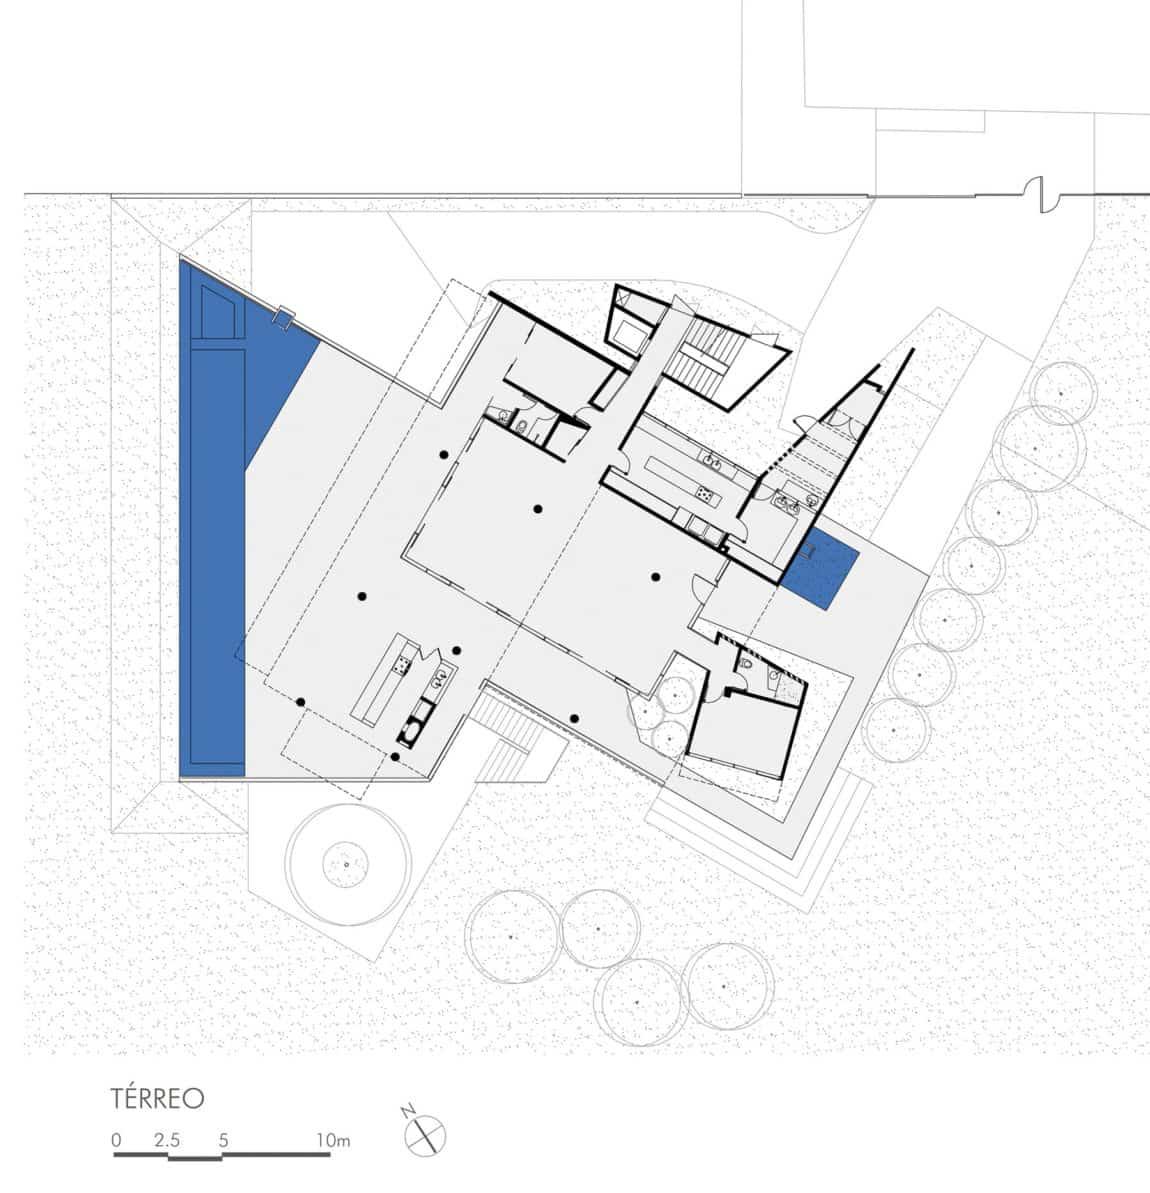 House in Lago Sul QI 25 by Sérgio Parada Arquitetos (17)